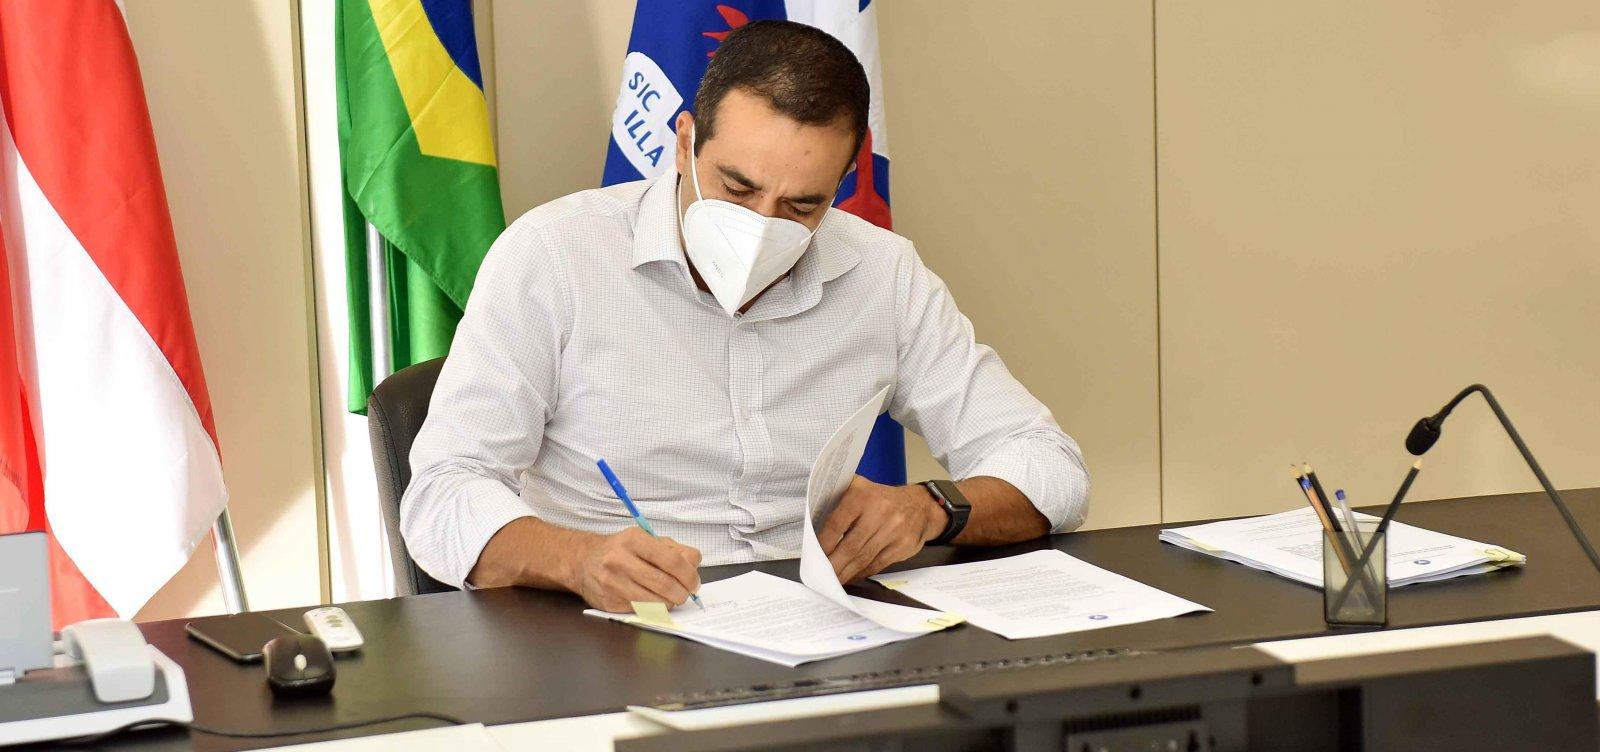 ['Salvador está pronta para pagar', afirma prefeito sobre negociação de vacinas contra Covid-19]